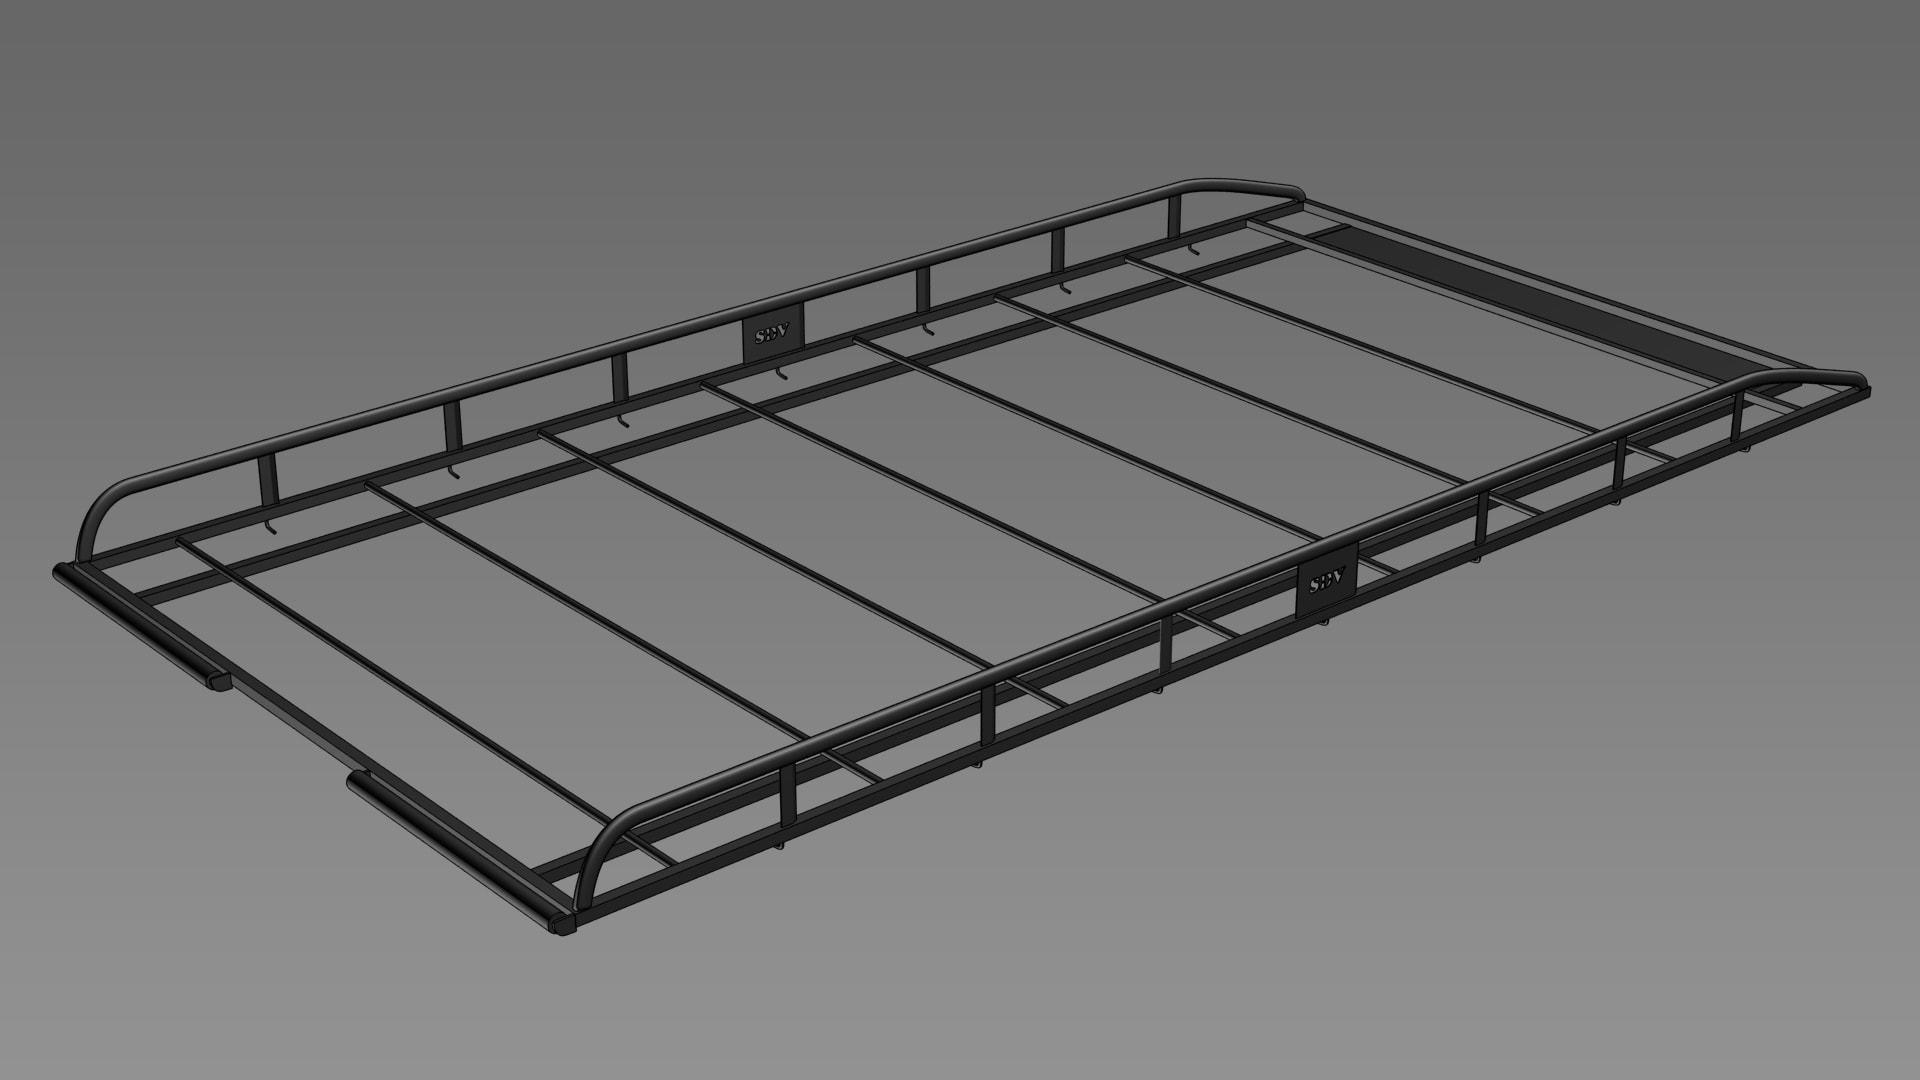 Van Roof Racks >> SDV Roof Racks | Heavy Duty Galvanised Steel Roof Racks, North West UK